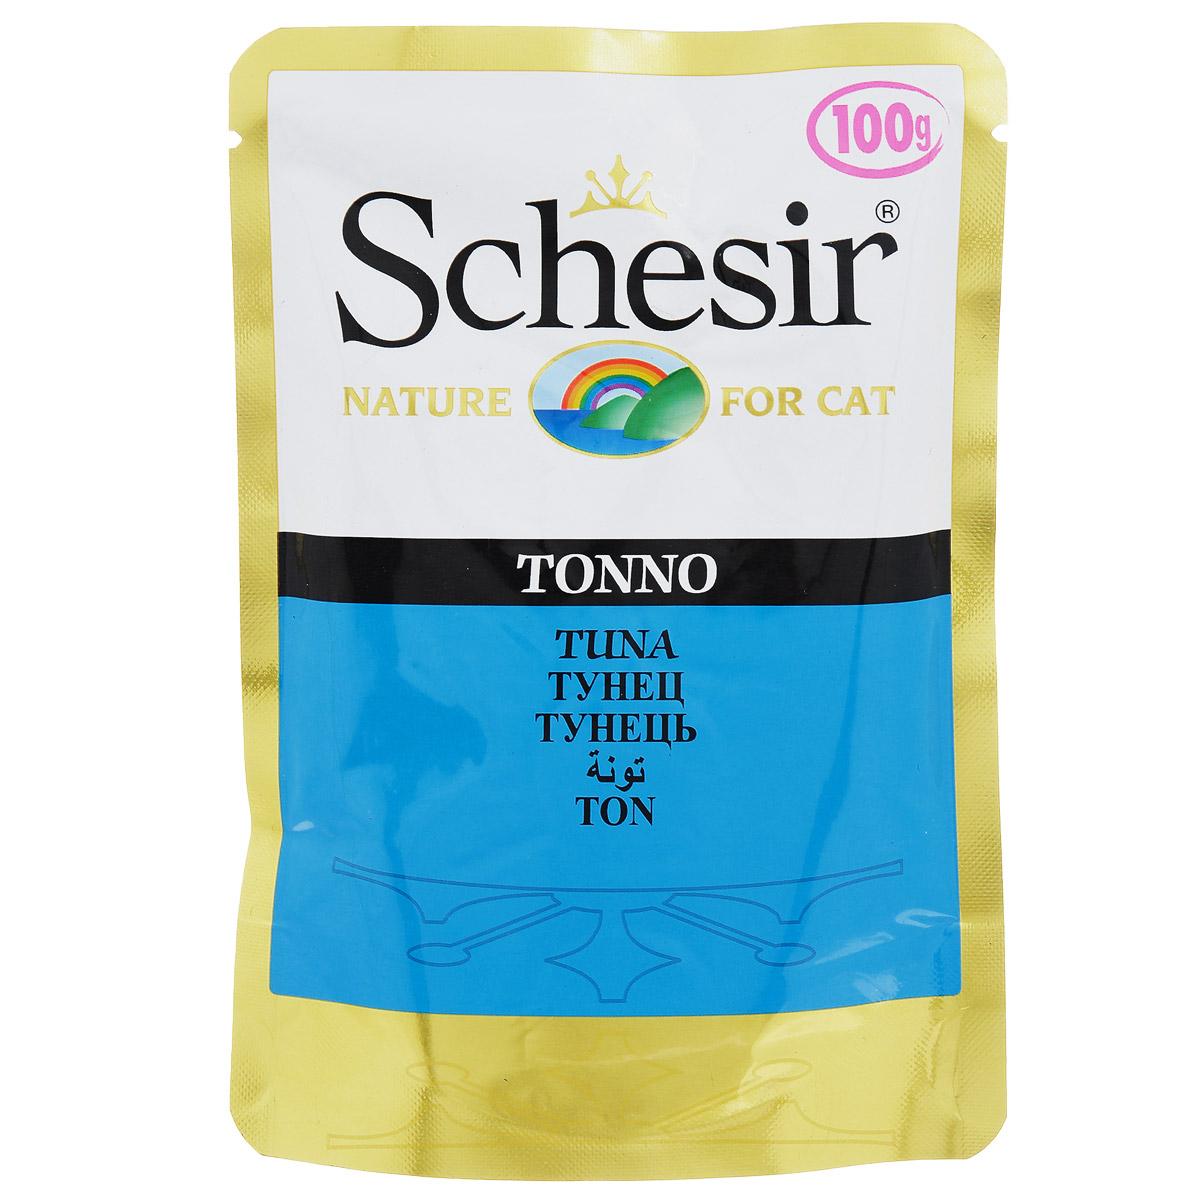 Консервы для кошек Schesir, с тунцом, 100 г консервы васька для кошек с лососем в желе 100 г